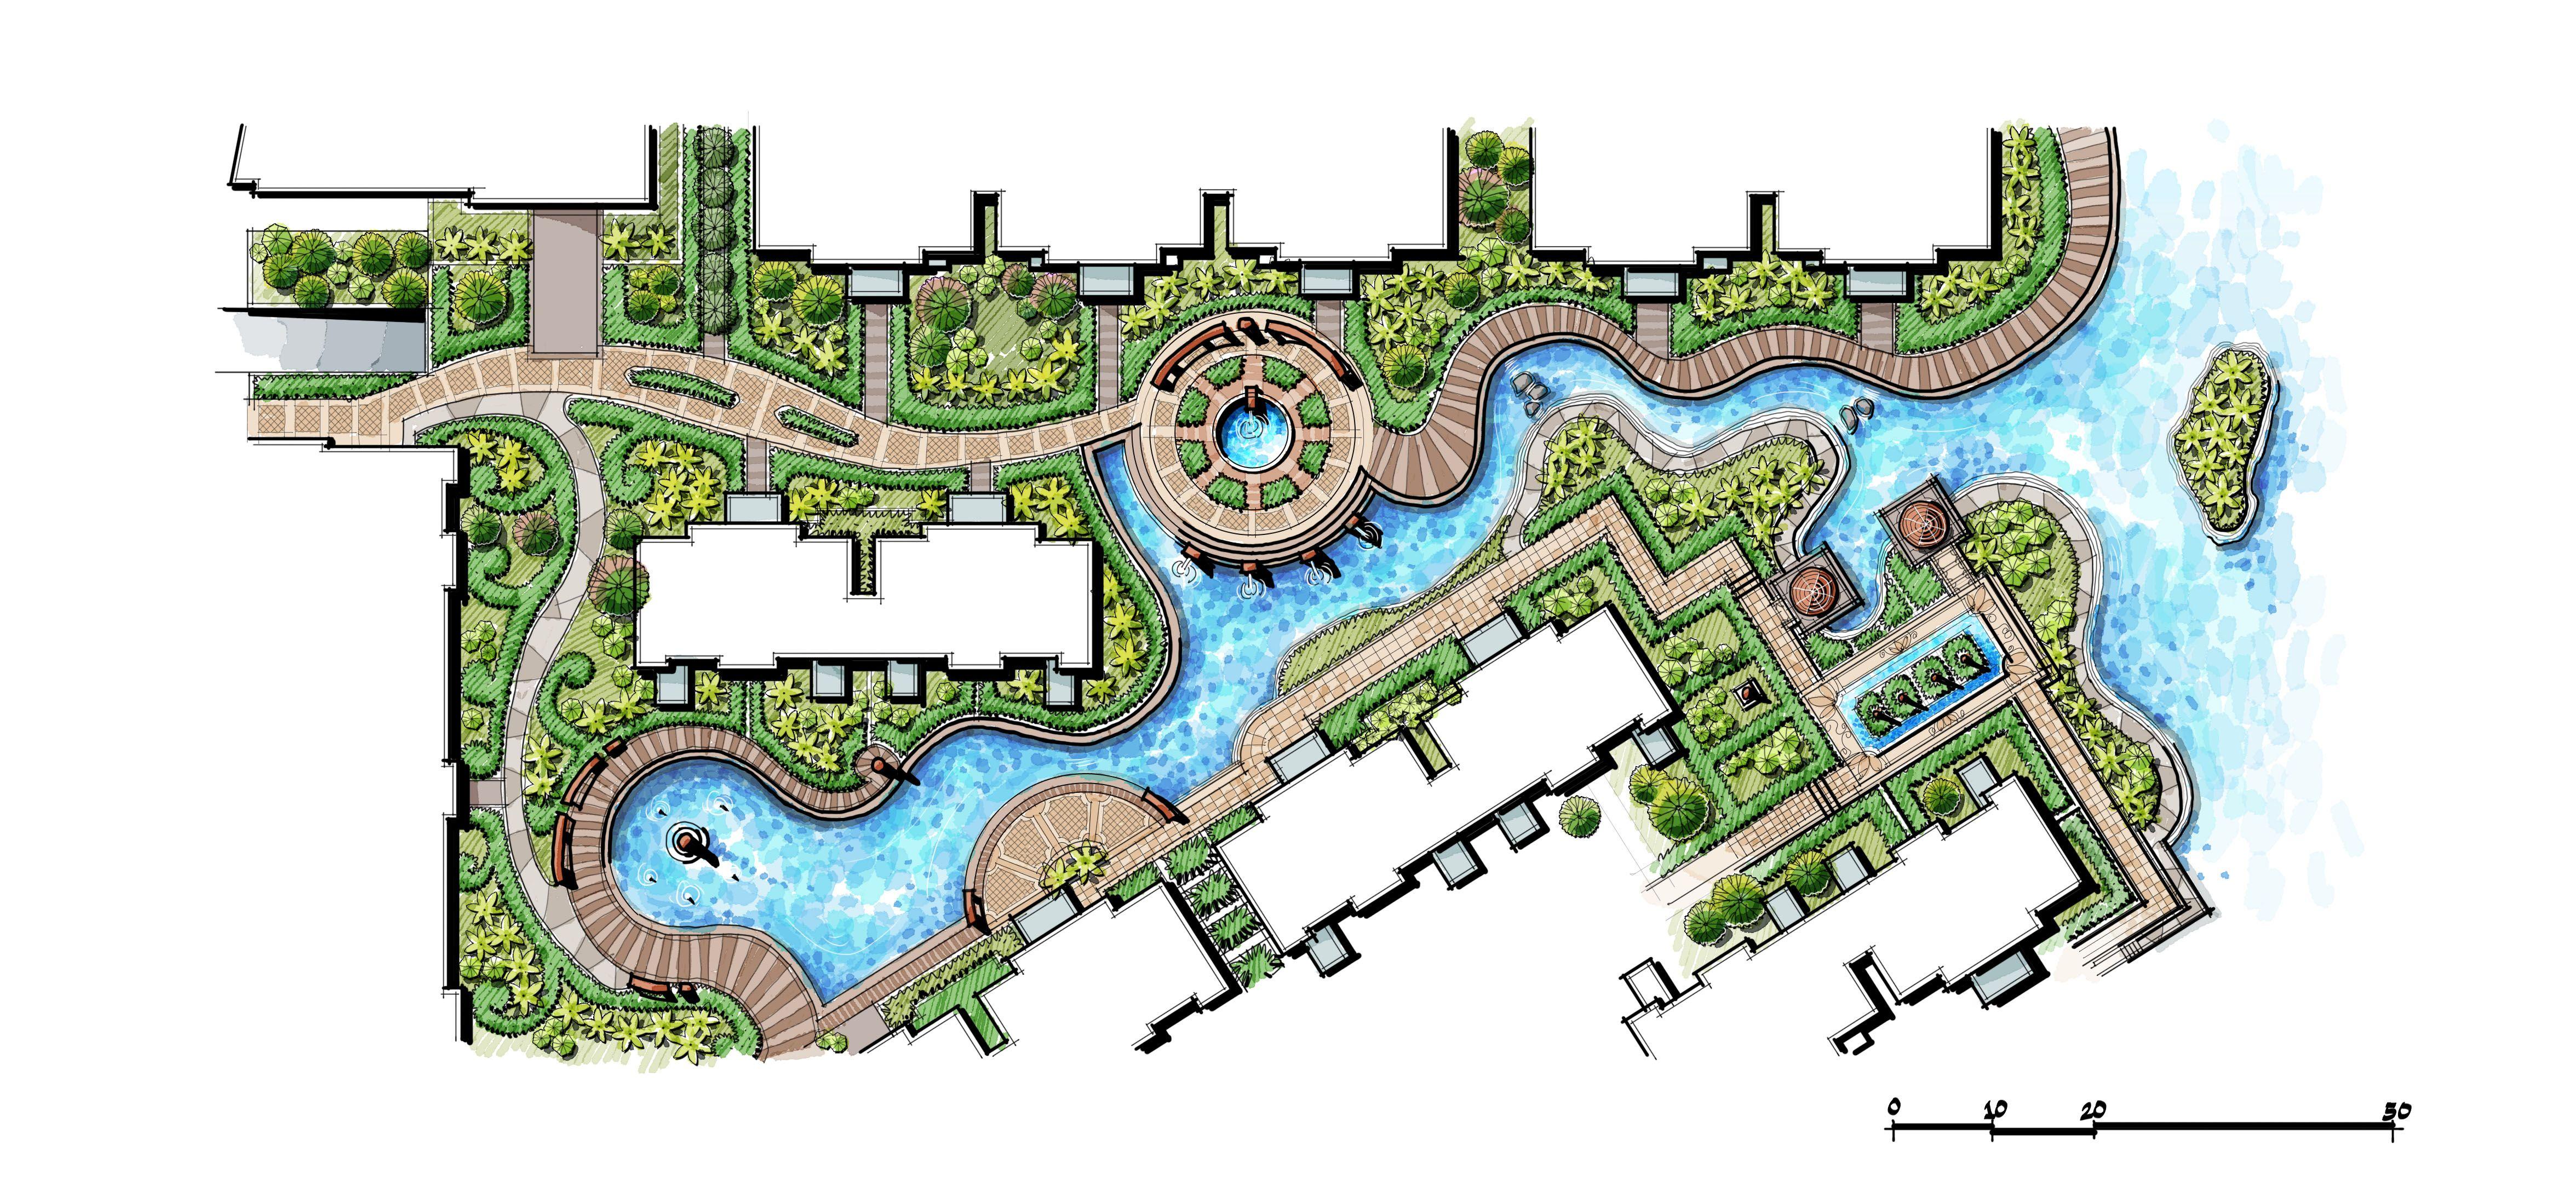 Riverside Landscape Design Pond Design Residential Wet Lands Water Garden Landscape Architecture Drawing Landscape Design Drawings Hotel Landscape